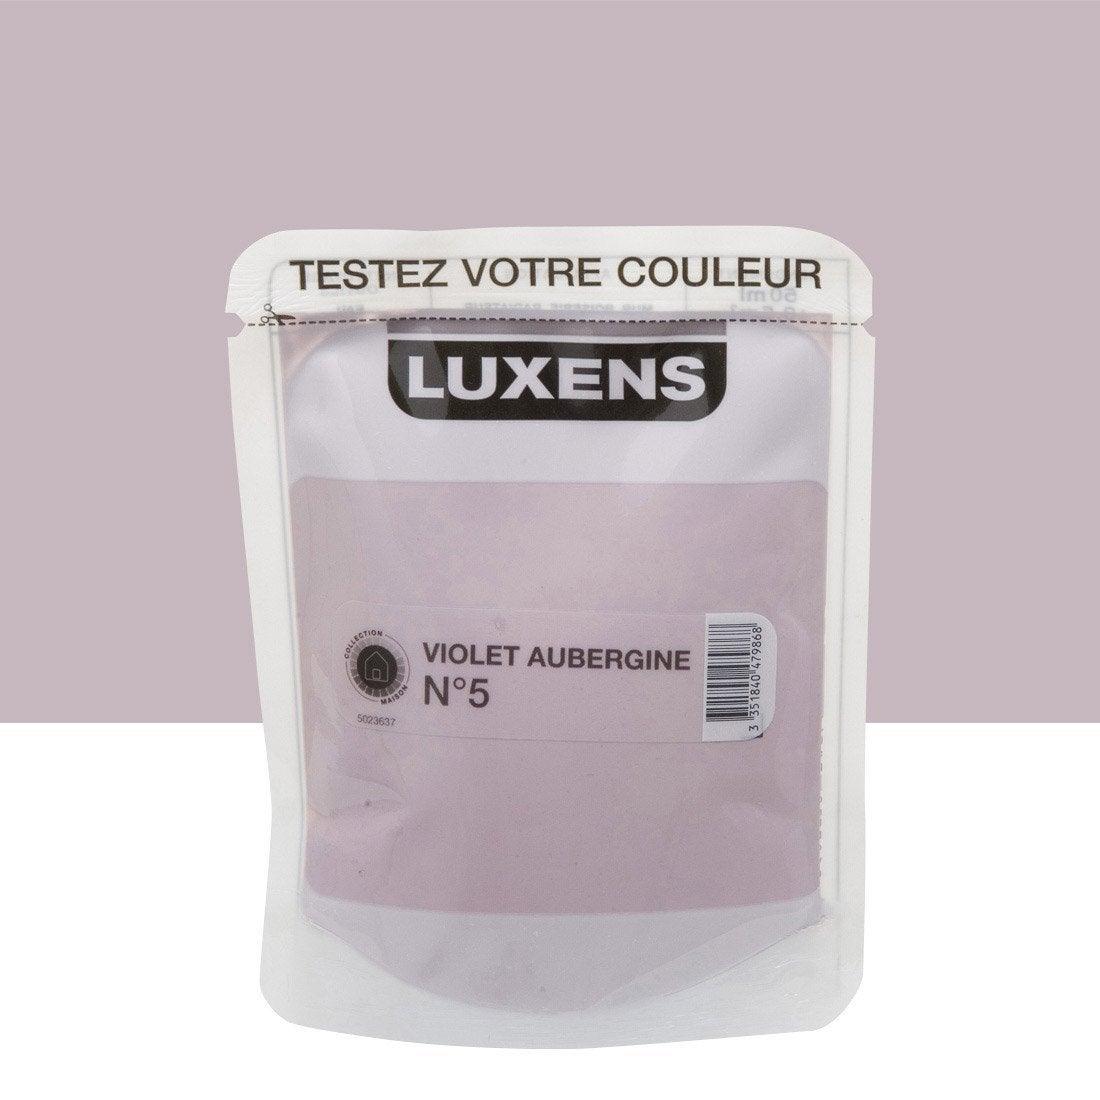 testeur peinture violet aubergine 5 luxens couleurs int rieures satin l leroy merlin. Black Bedroom Furniture Sets. Home Design Ideas